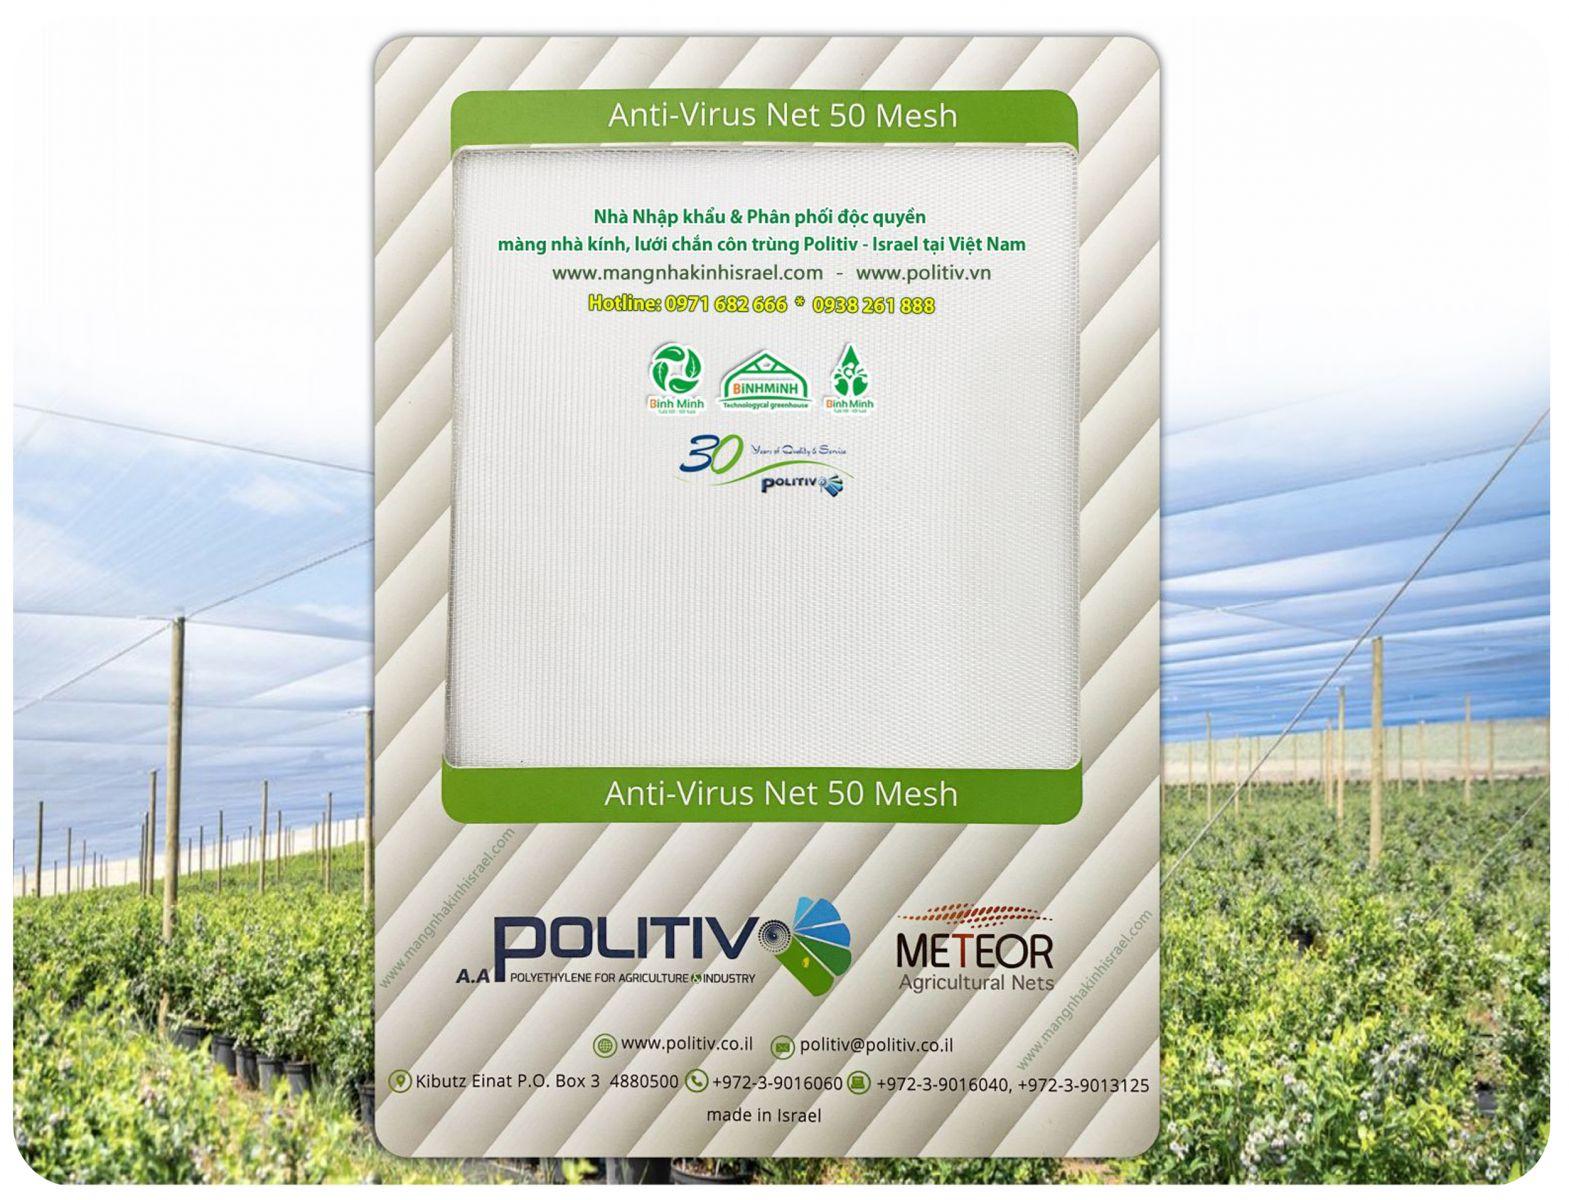 Lưới chắn côn trùng Politiv Israel 3,5m x 50m (Anti - Virus Net)